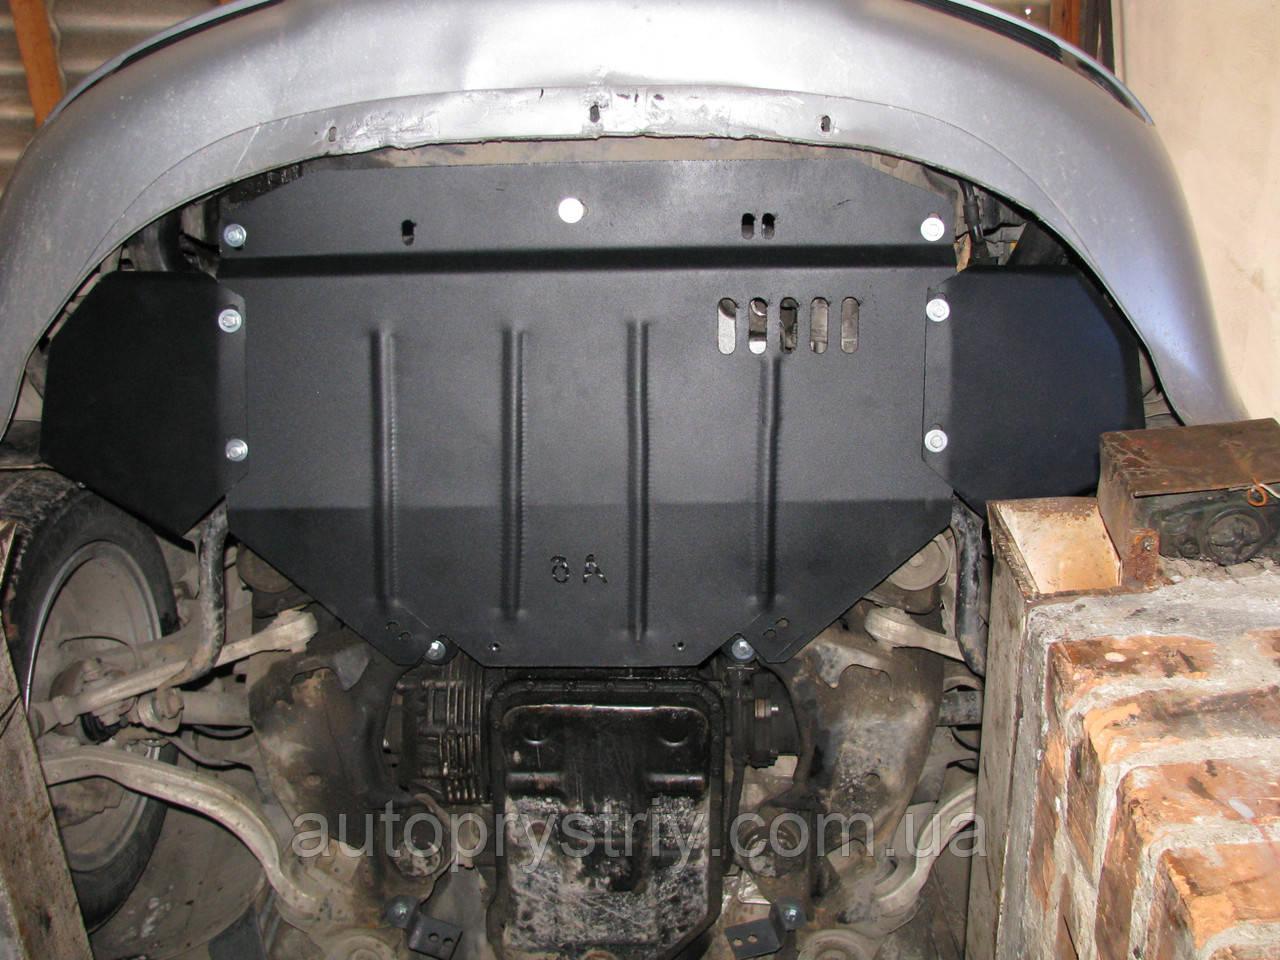 Захист двигуна Audi A6 (C5) (1997-2004) 1.8, 2.4, 2.8, 1.8 T, 1.9 D, 2.5 D (крім 4х4)